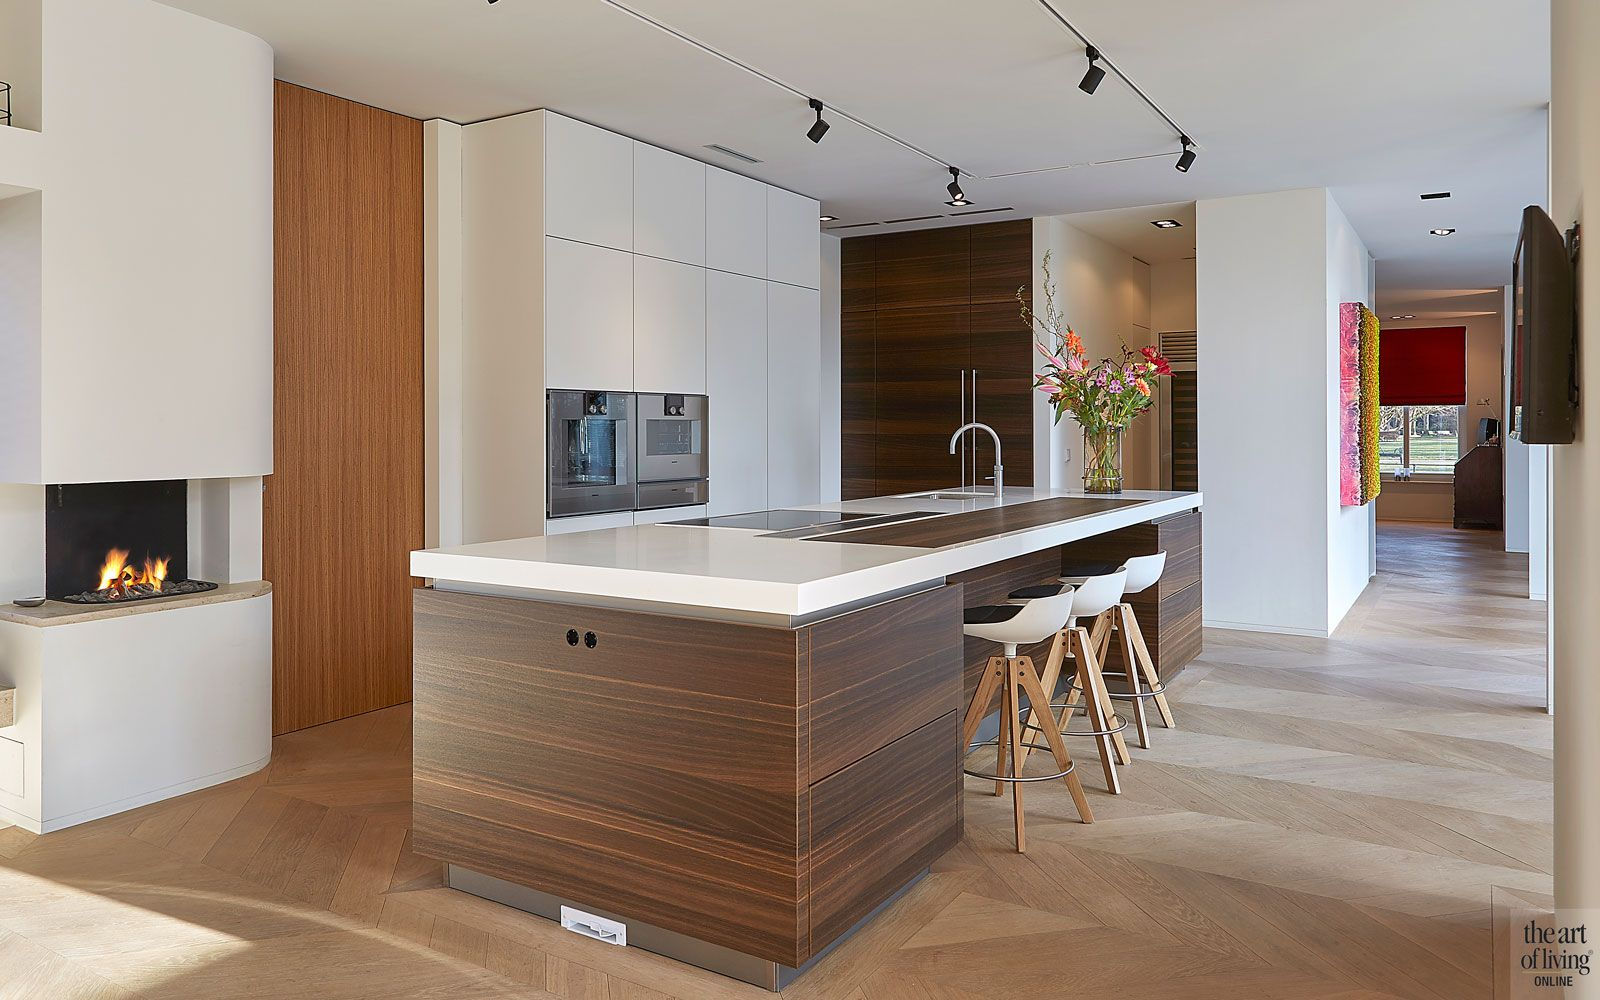 Eigentijds De Bever Architecten In 2020 Kruk Keuken Hedendaagse Woningen Keukens